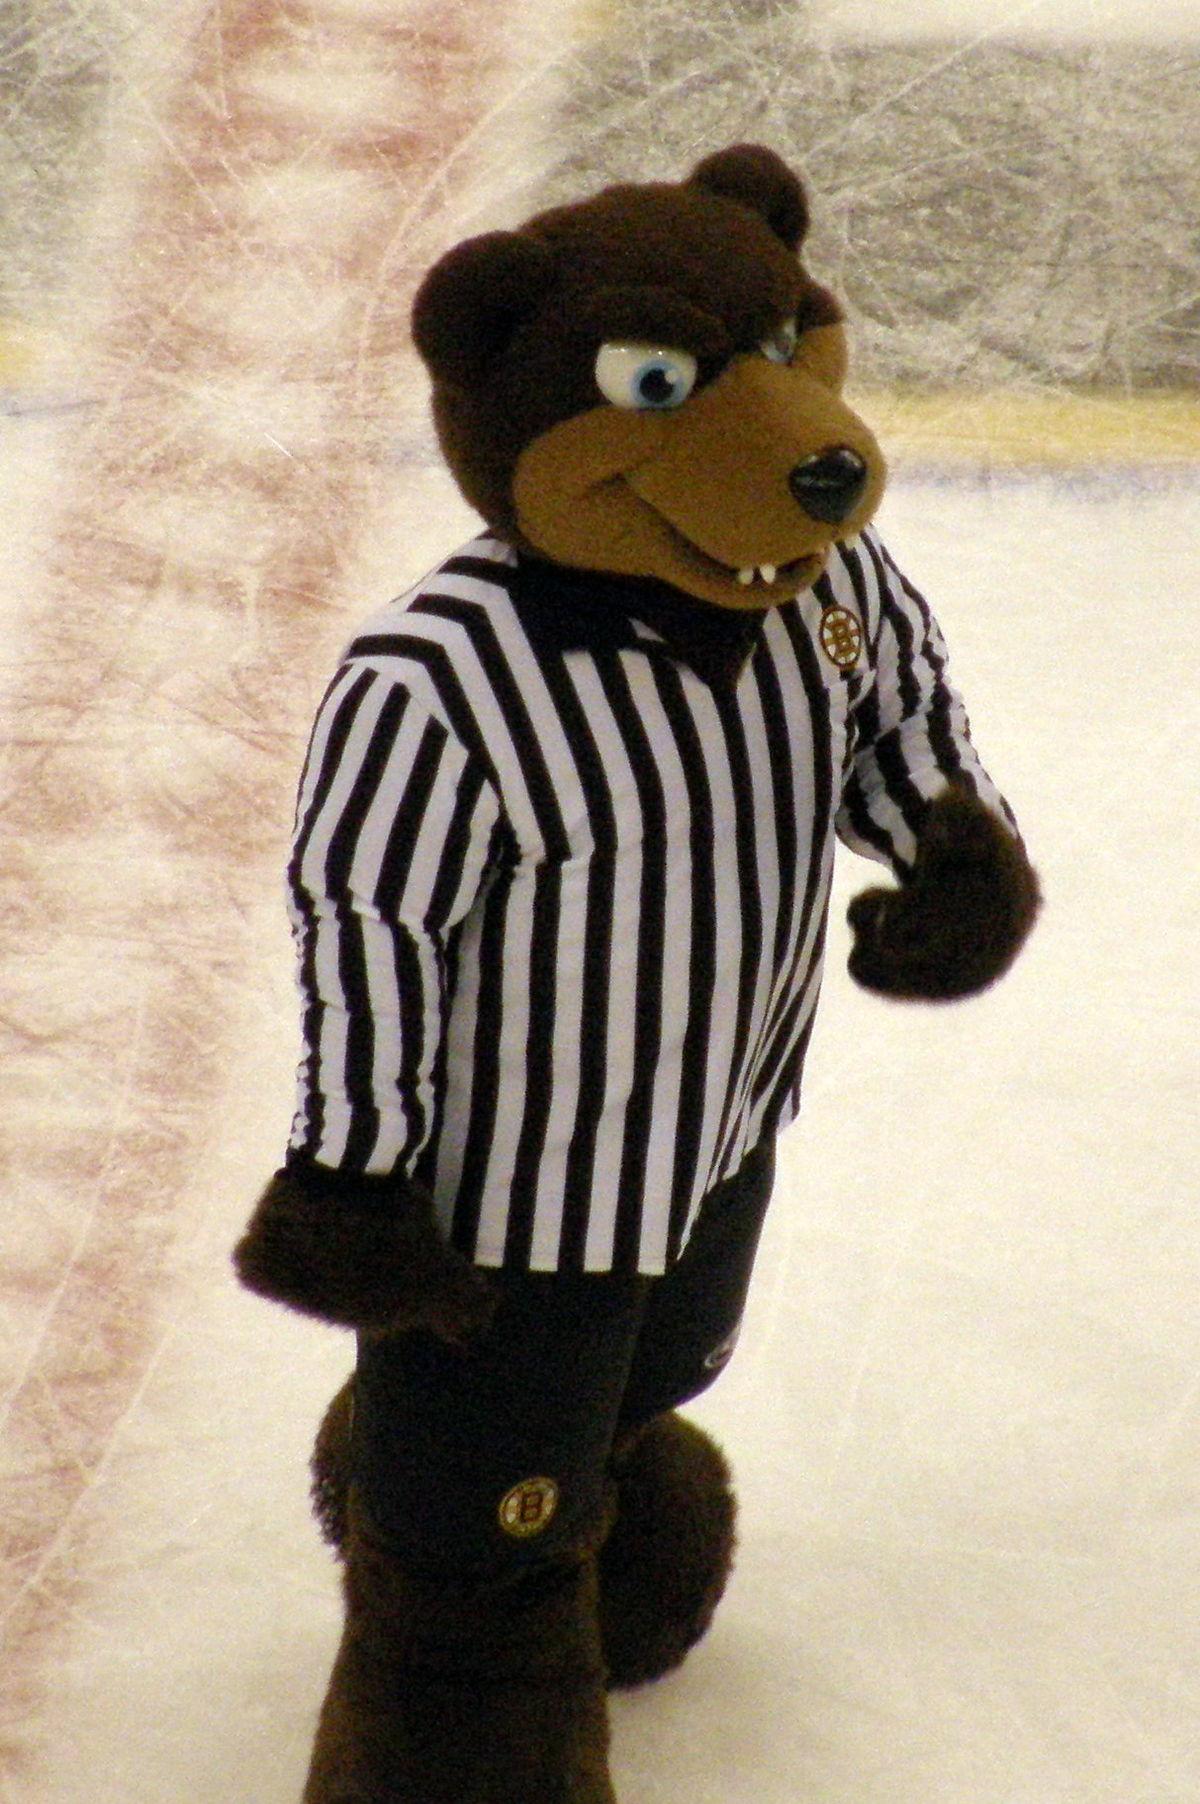 Liste des mascottes de la ligue nationale de hockey - Ligue nationale de hockey ...